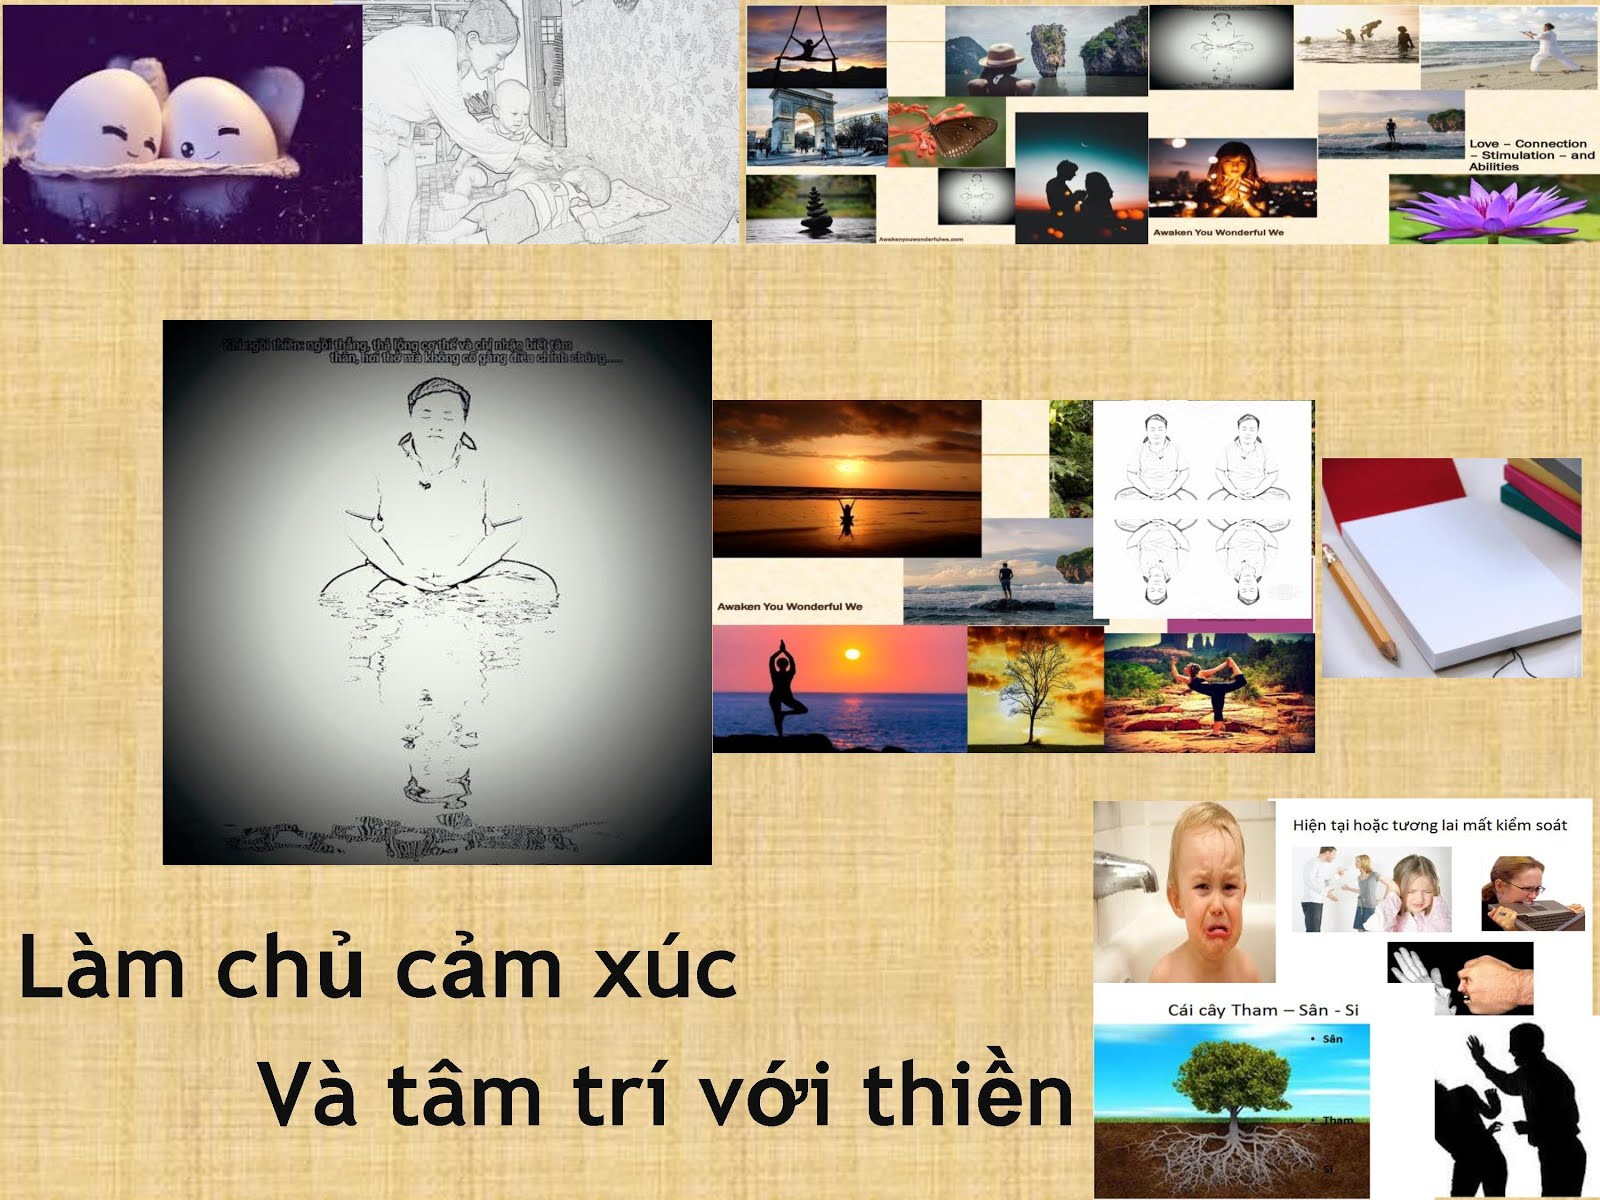 Làm chủ cảm xúc và tâm trí với Thiền Làm chủ cảm xúc và tâm trí với Thiền